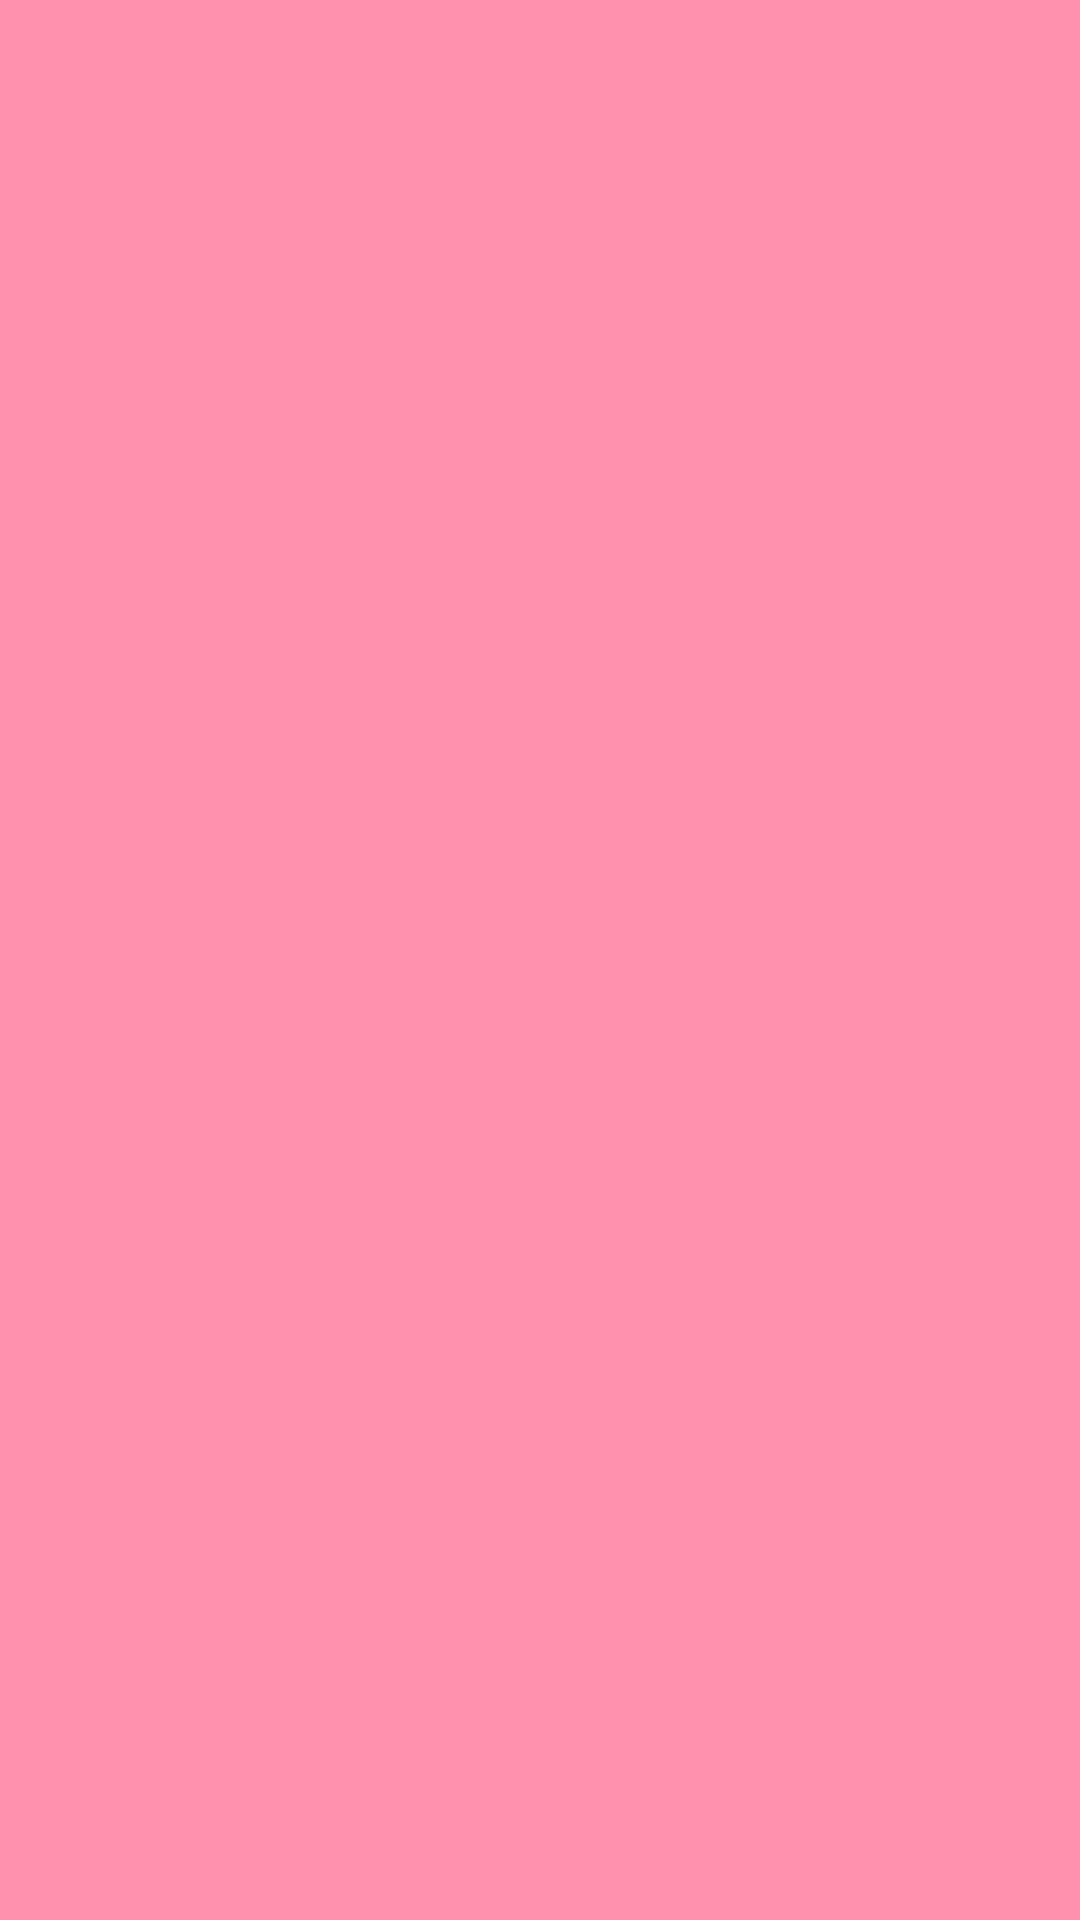 1080x1920 Baker-Miller Pink Solid Color Background